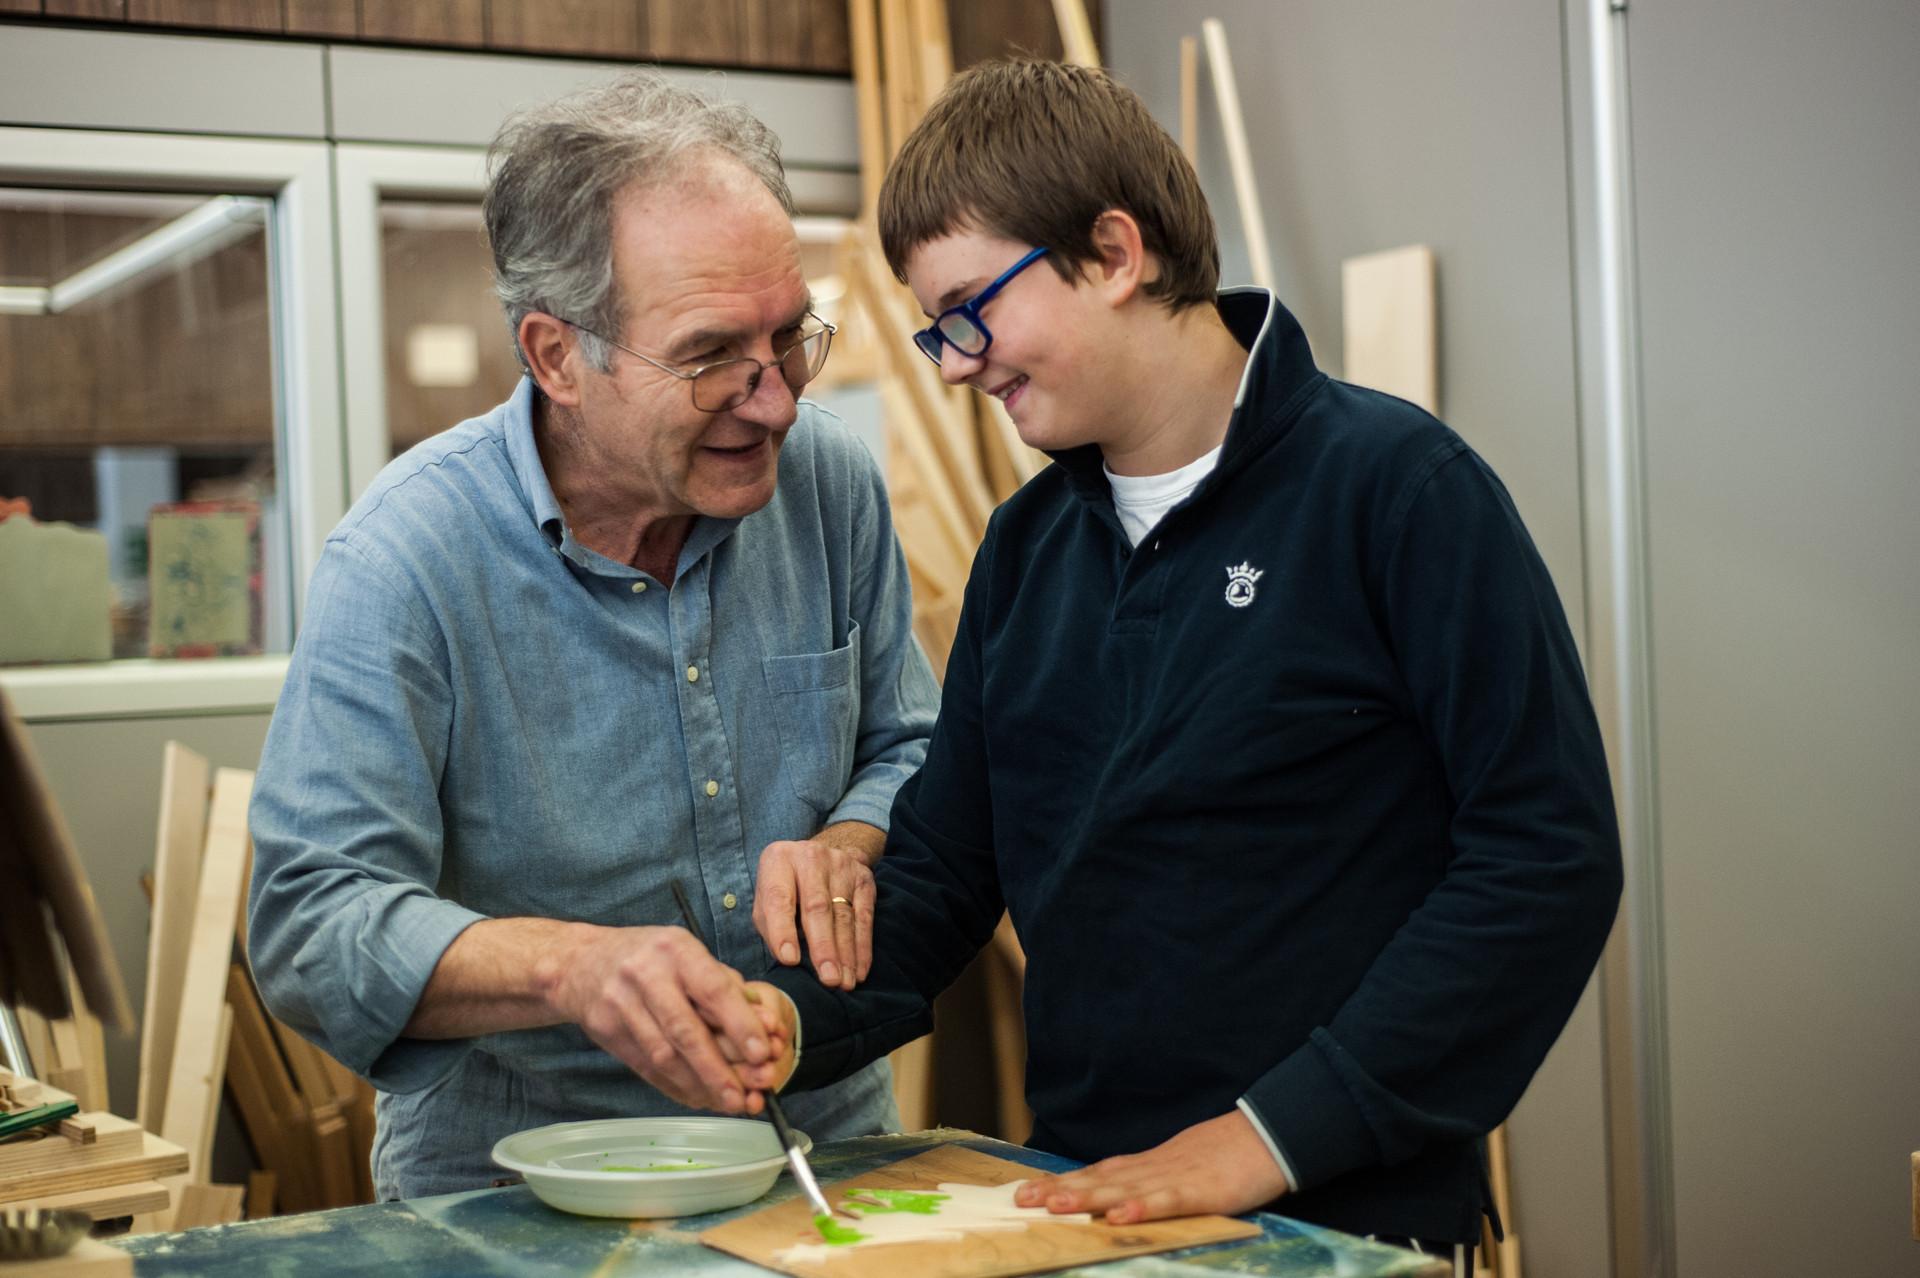 Un volontario chiacchiera con Victor, mentre il ragazzino dipinge col pennello una decorazione natalizia